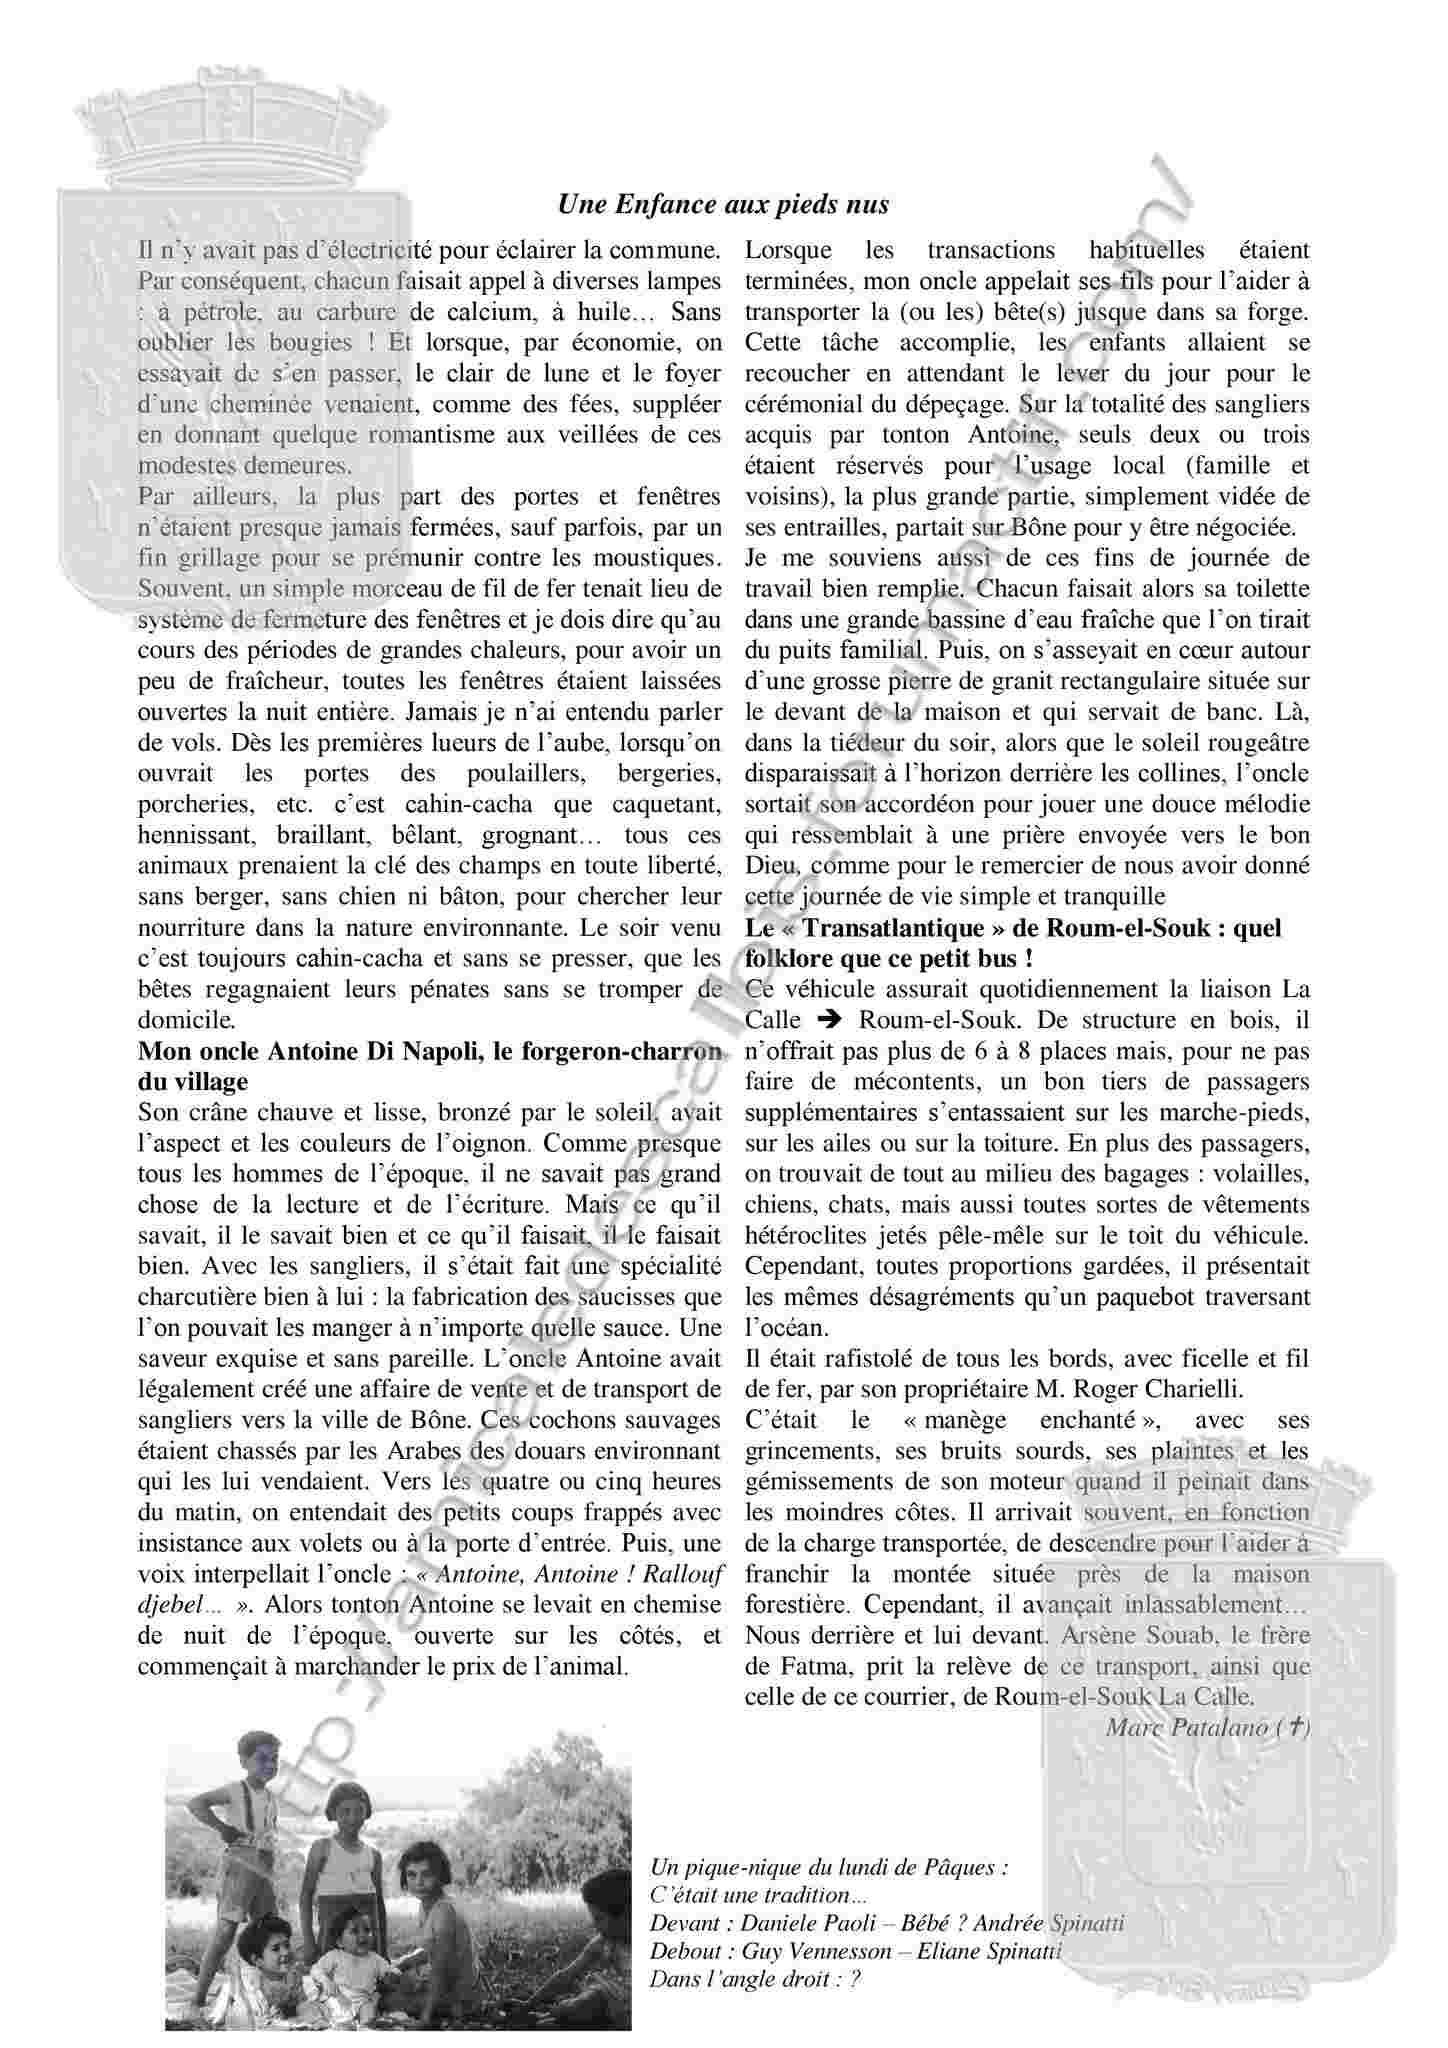 ROUM – EL – SOUK - Article paru sur le PC n° 128 Roum-e15